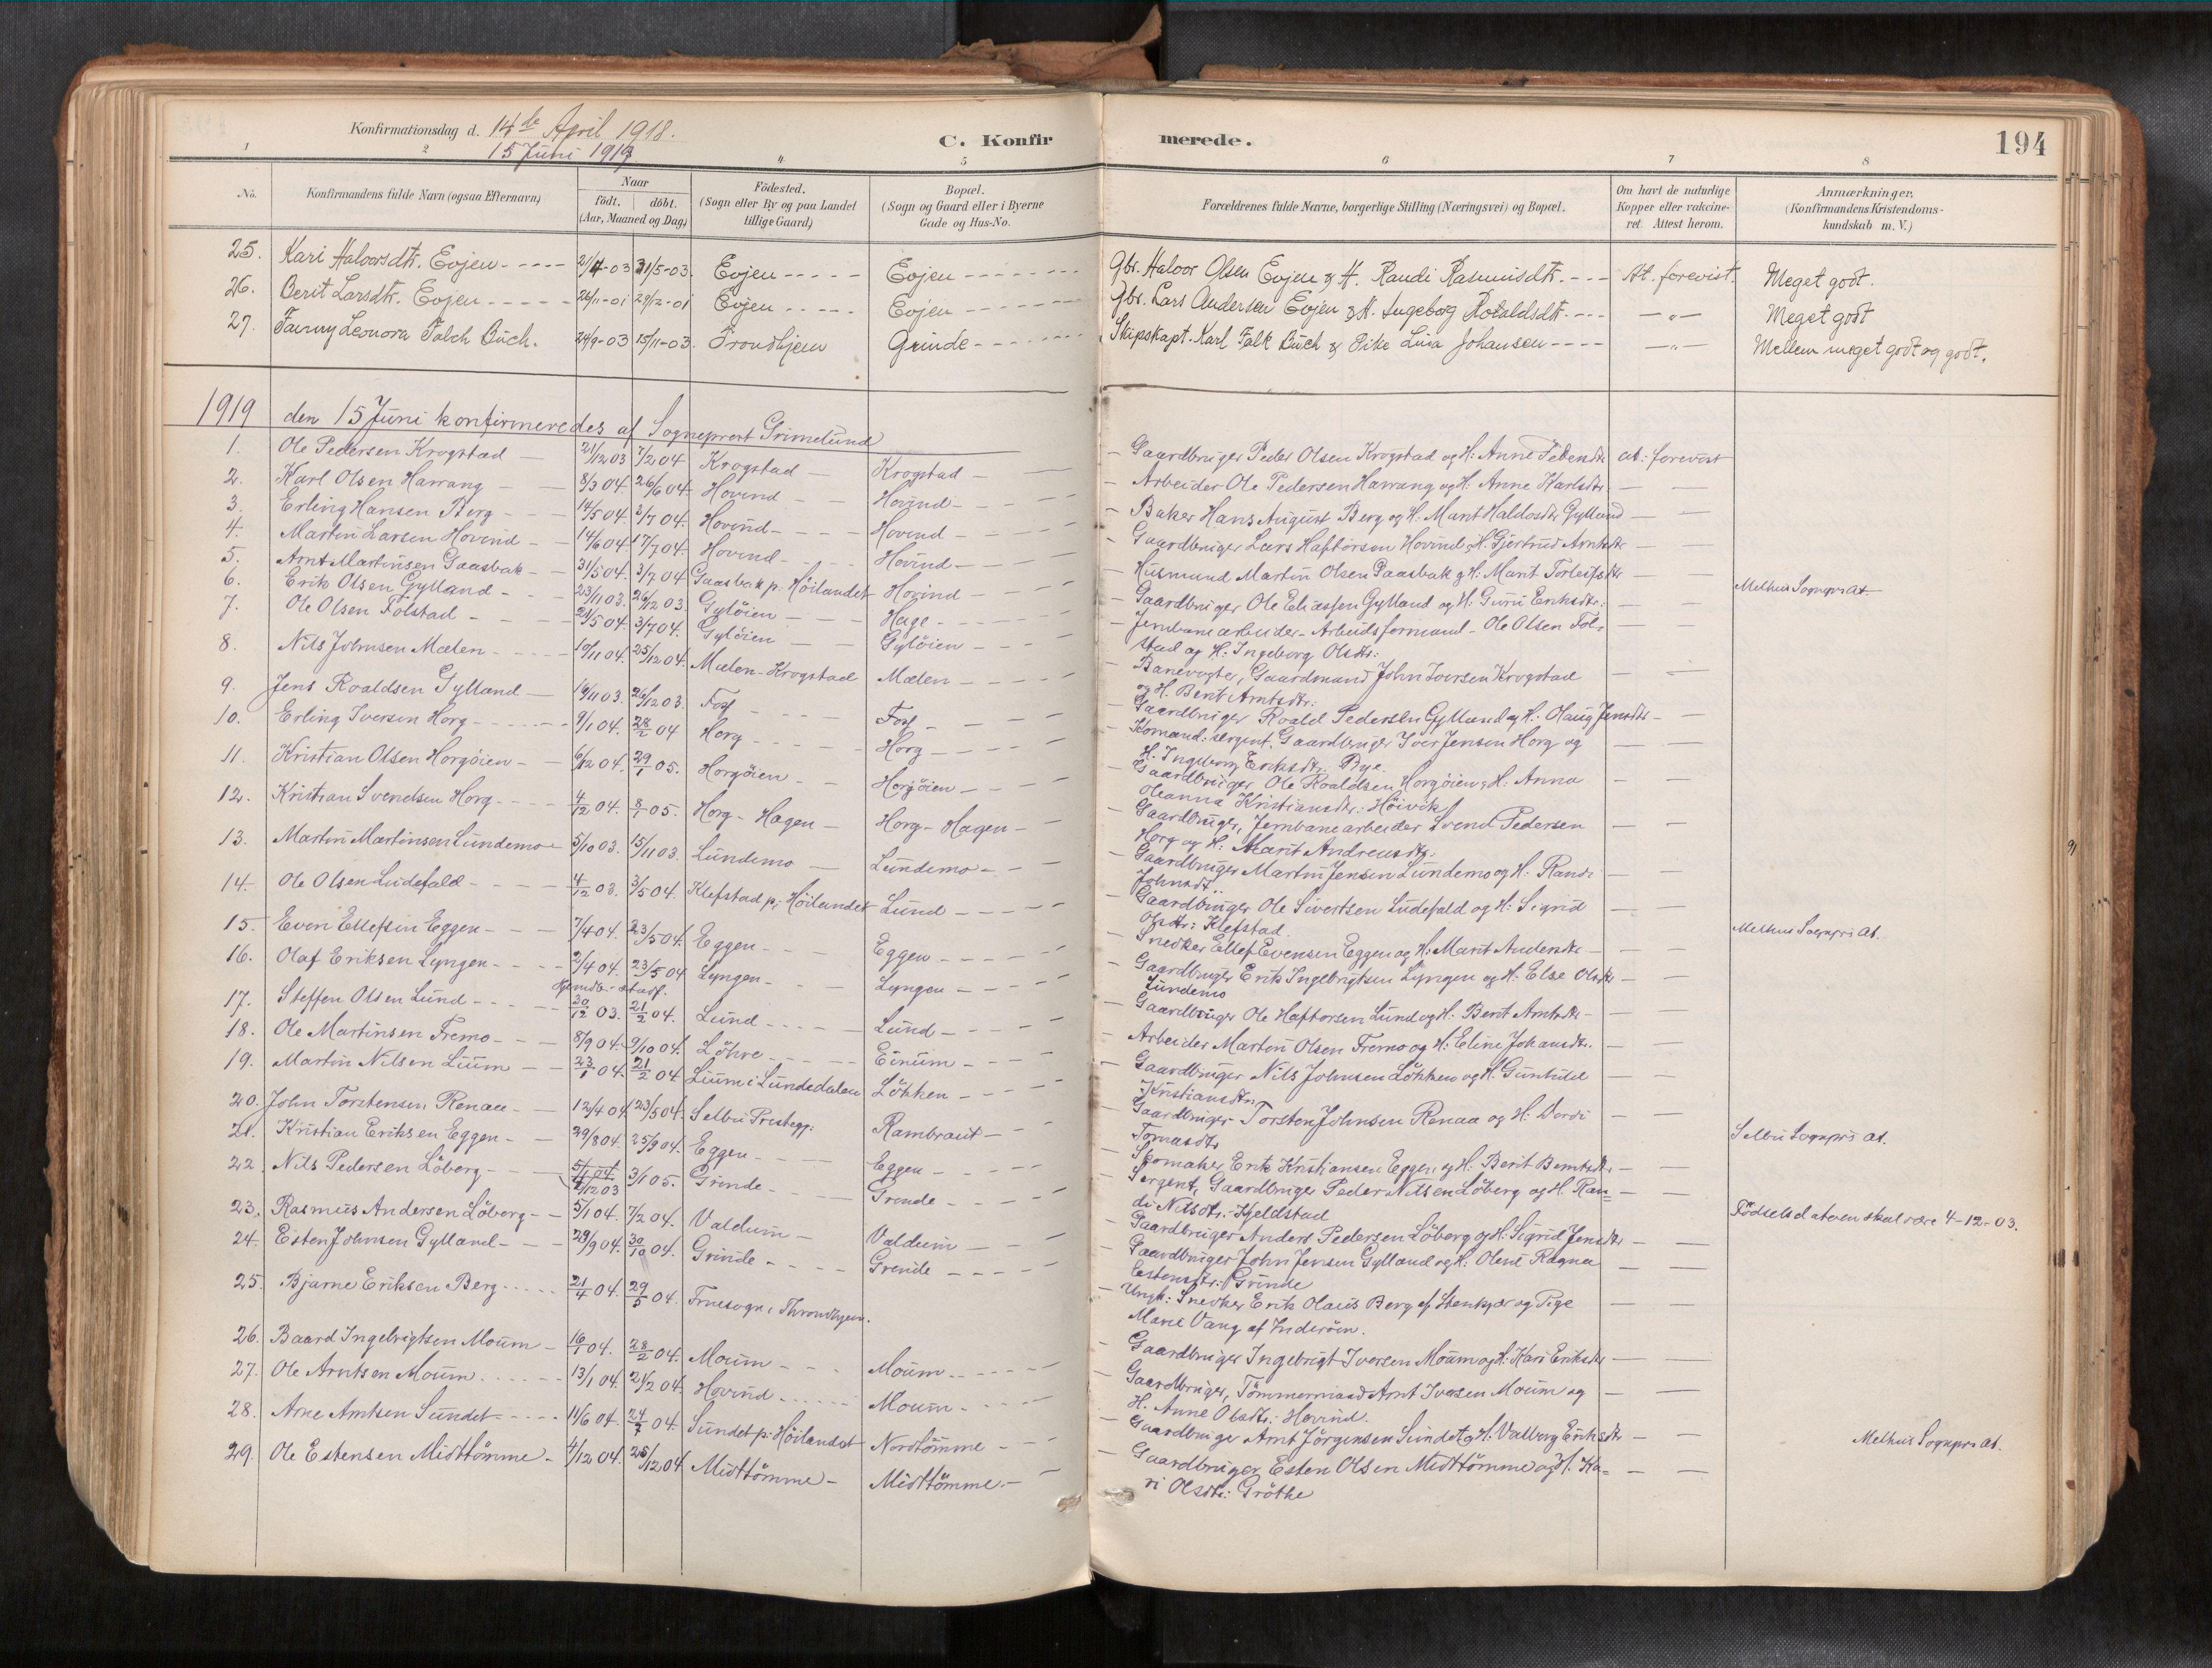 SAT, Ministerialprotokoller, klokkerbøker og fødselsregistre - Sør-Trøndelag, 692/L1105b: Ministerialbok nr. 692A06, 1891-1934, s. 194